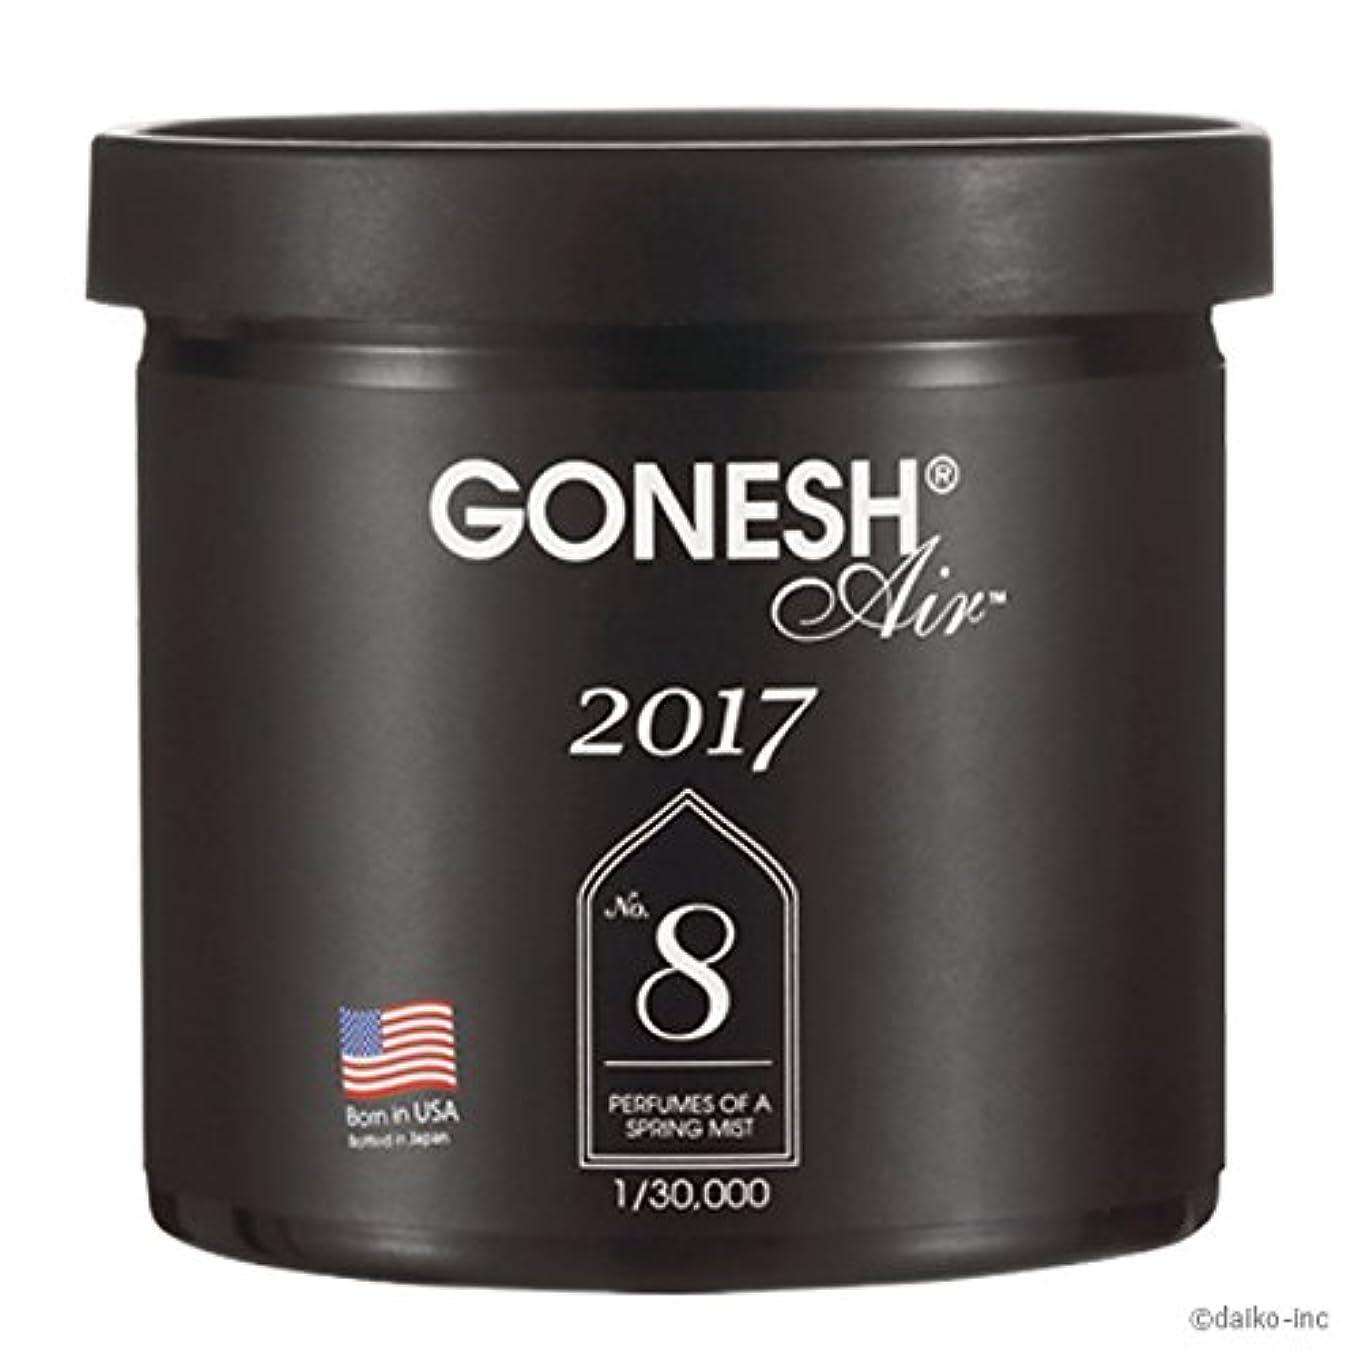 従者恵み精神的に【数量限定】GONESH ANNUAL GEL 2017 for Car